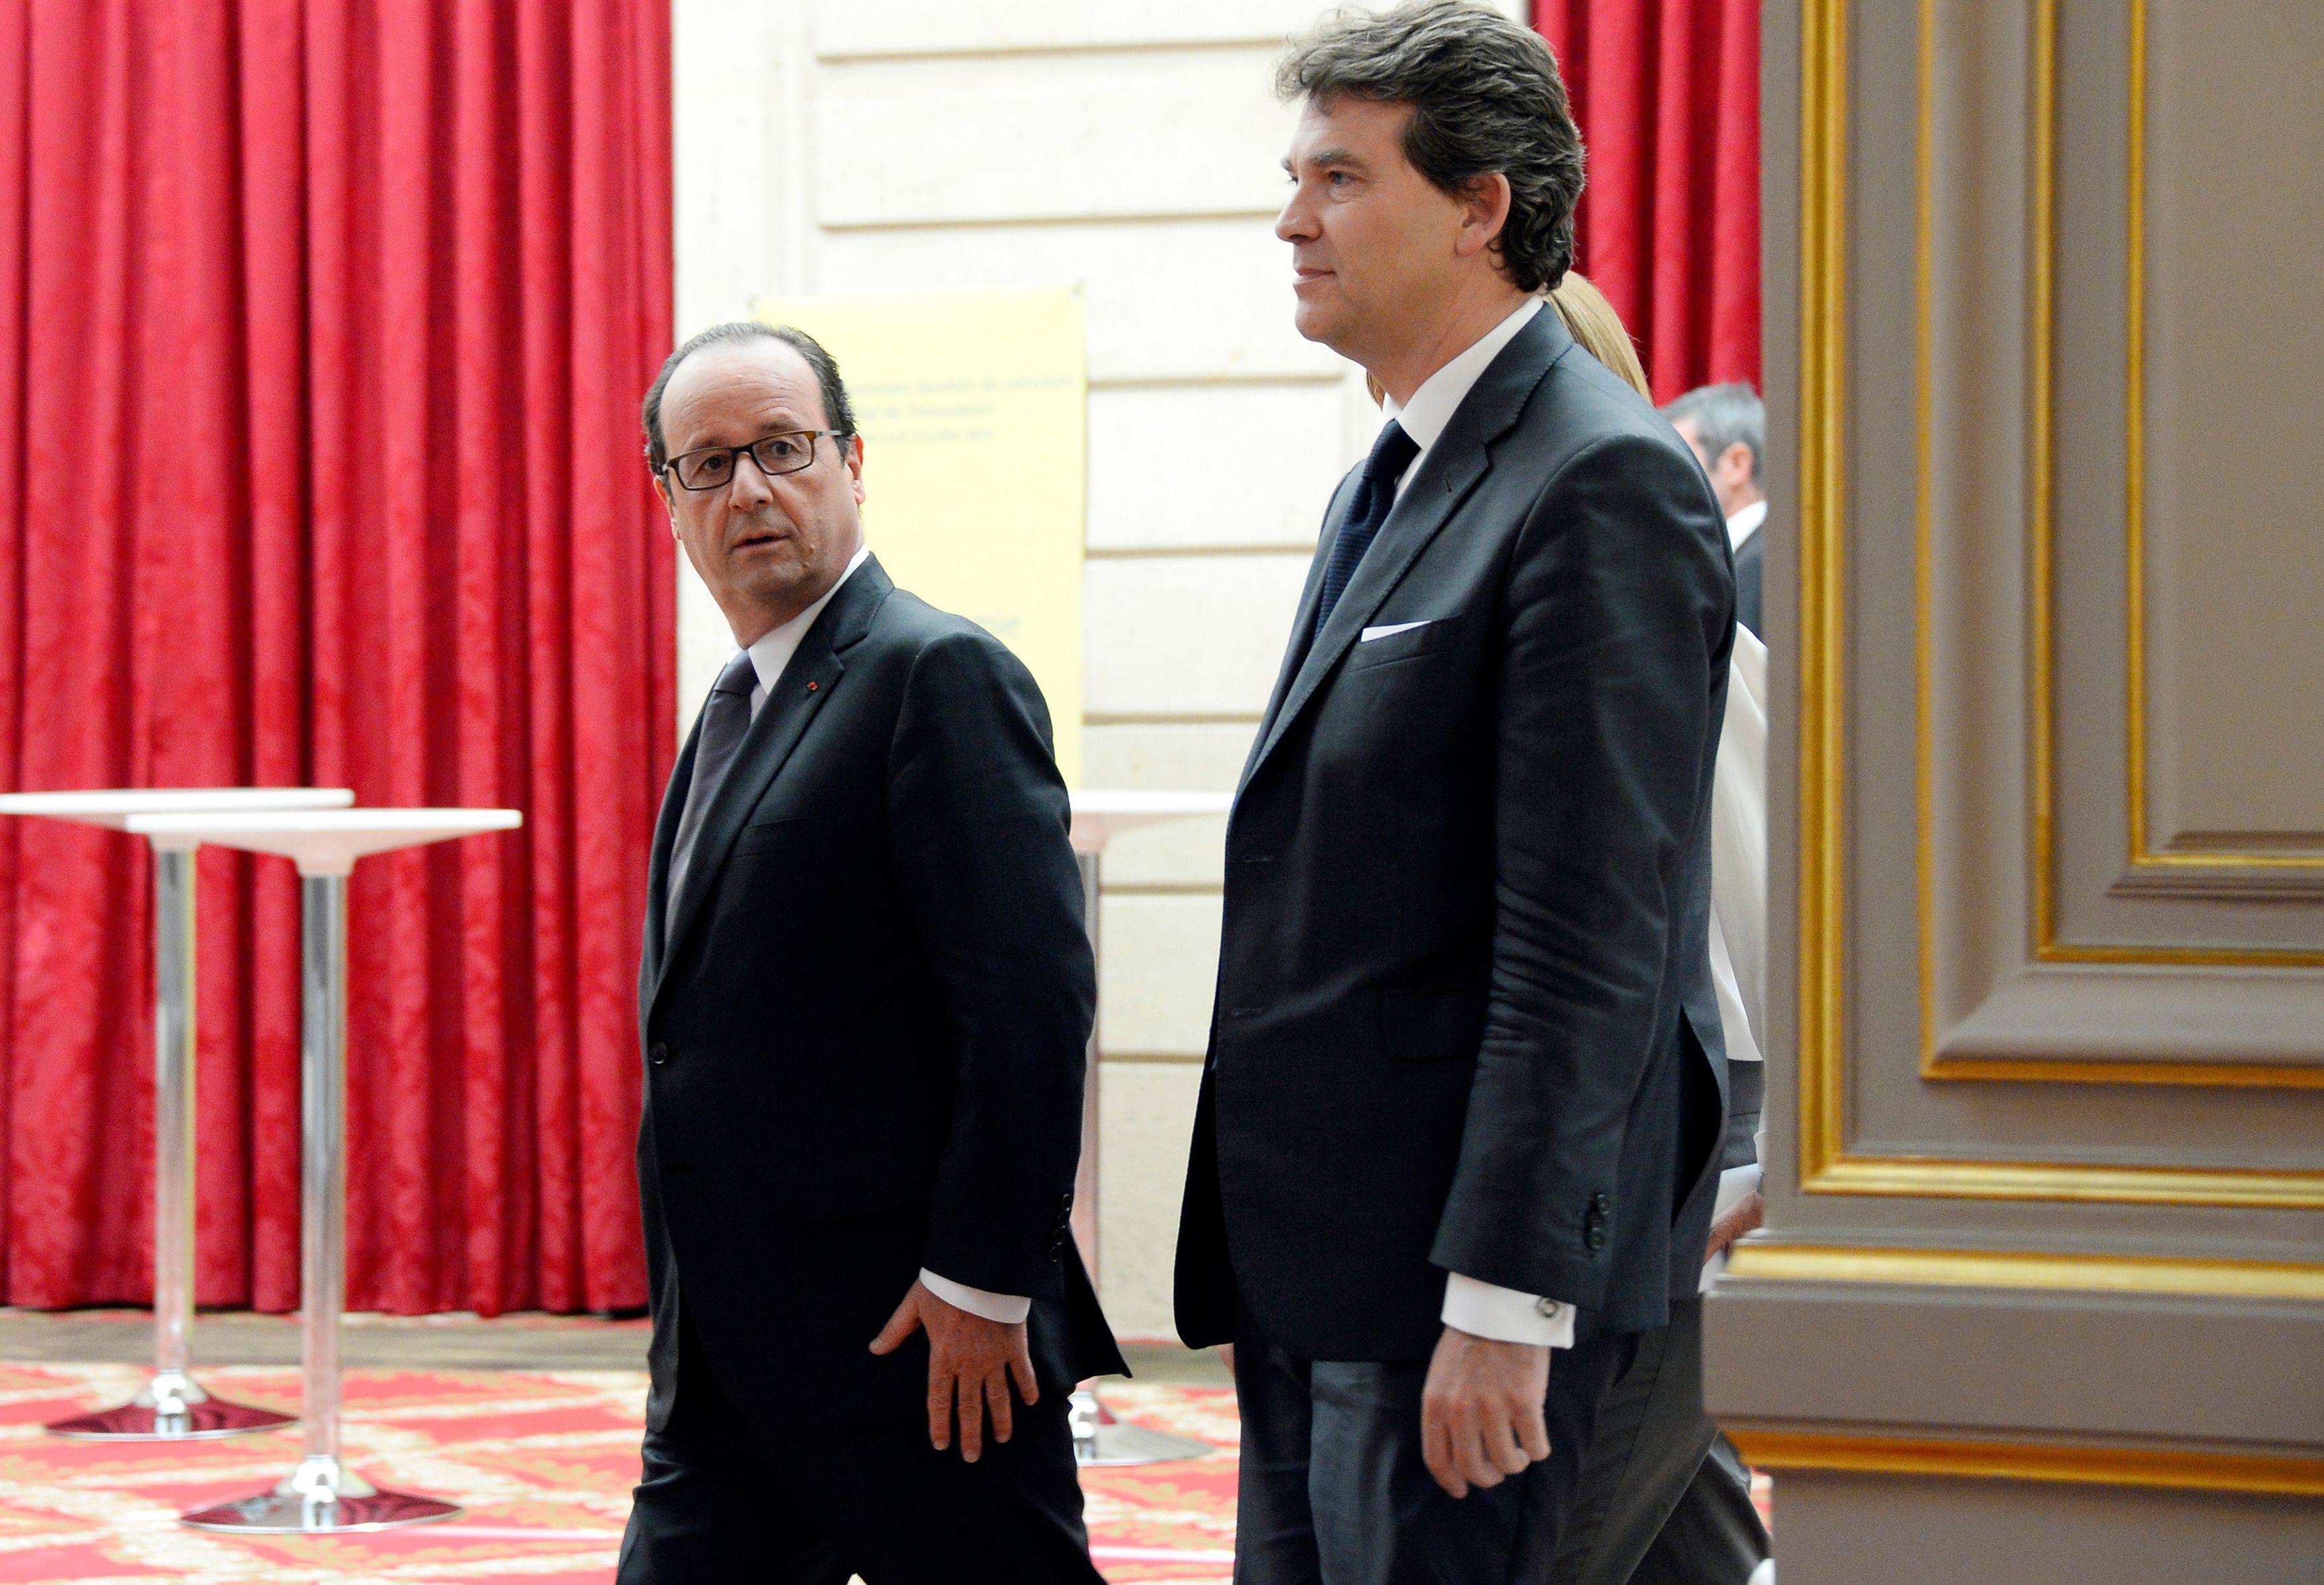 Le problème de l'ancien ministre de l'Économie n'est pas le premier tour mais le second, il se sait beaucoup moins bien placé que François Hollande pour nouer des alliances. Il discute avec Benoit Hamon mais ne se fait aucune illusion...